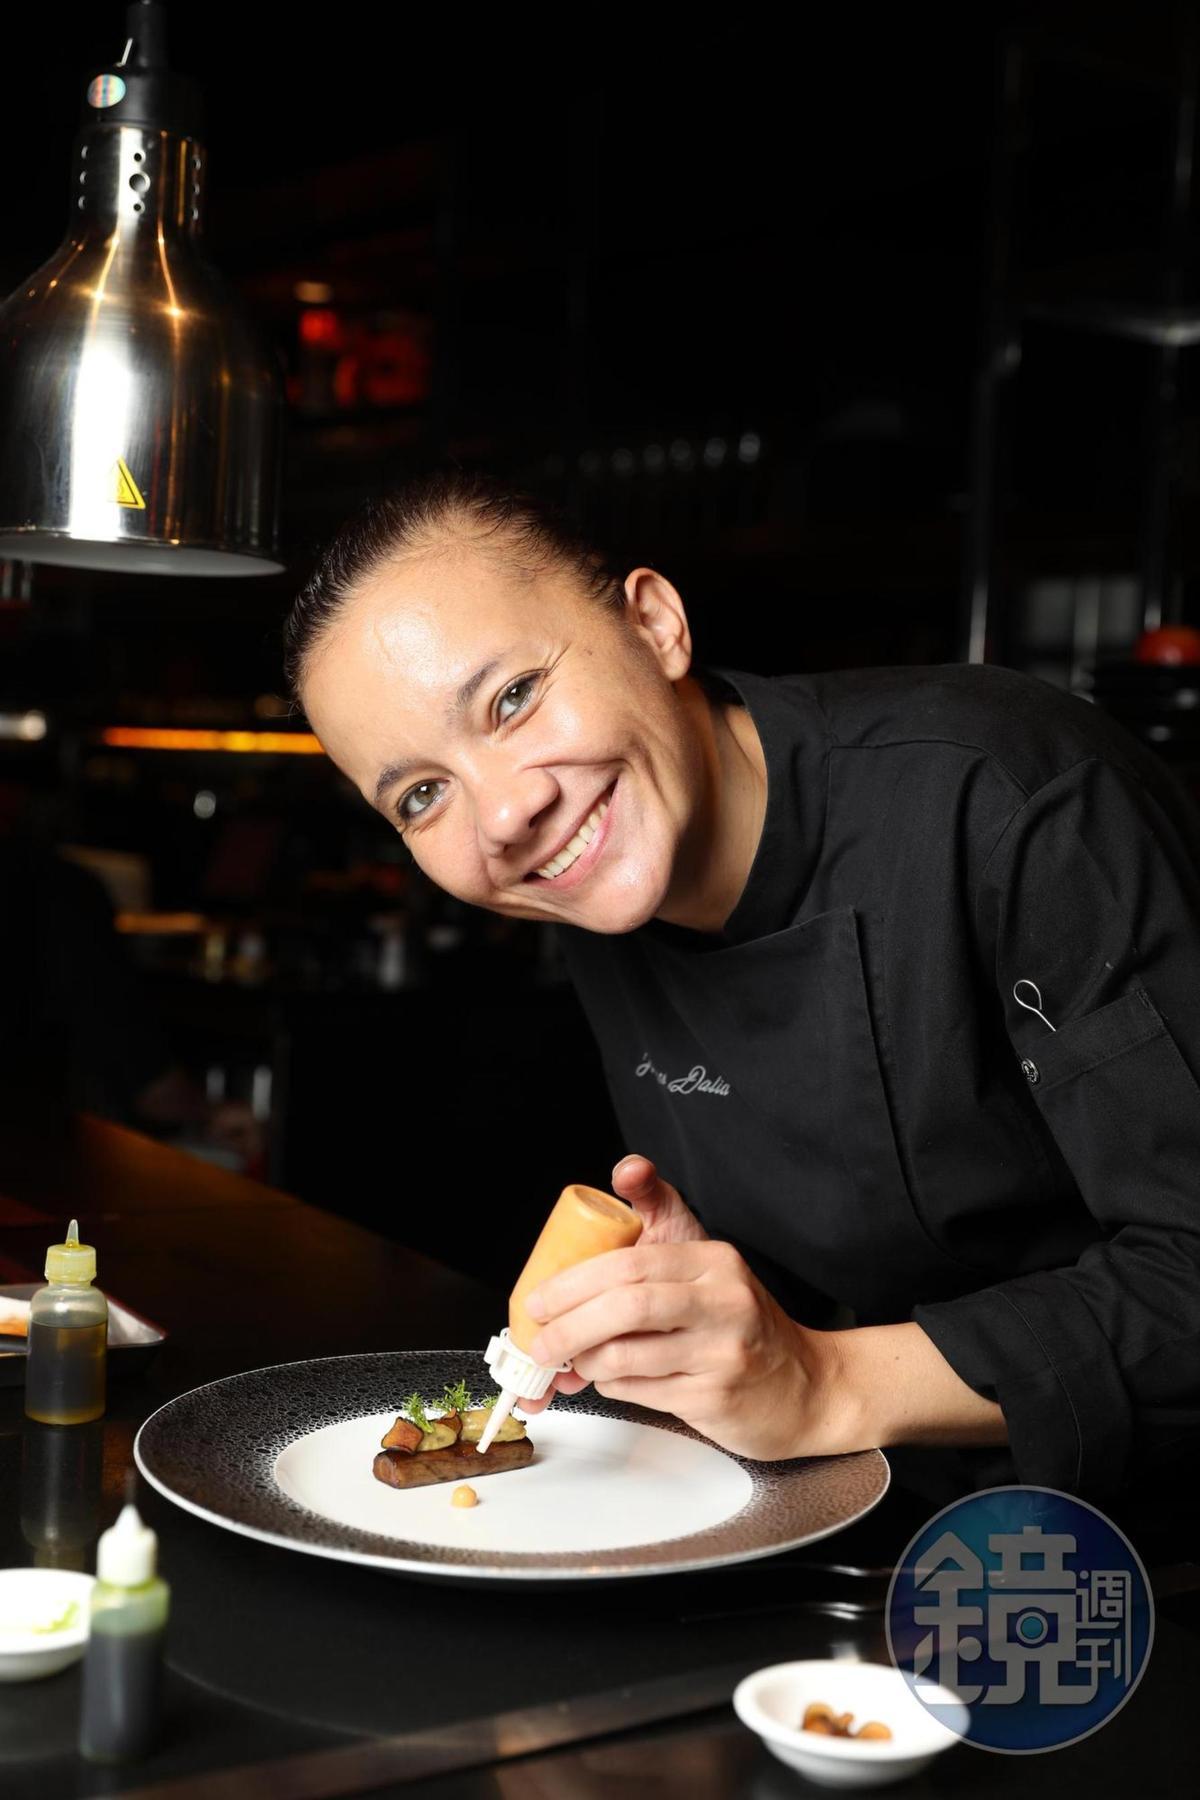 新任主廚Florence Dalia,是侯布雄集團亞洲區唯一摘星女主廚。